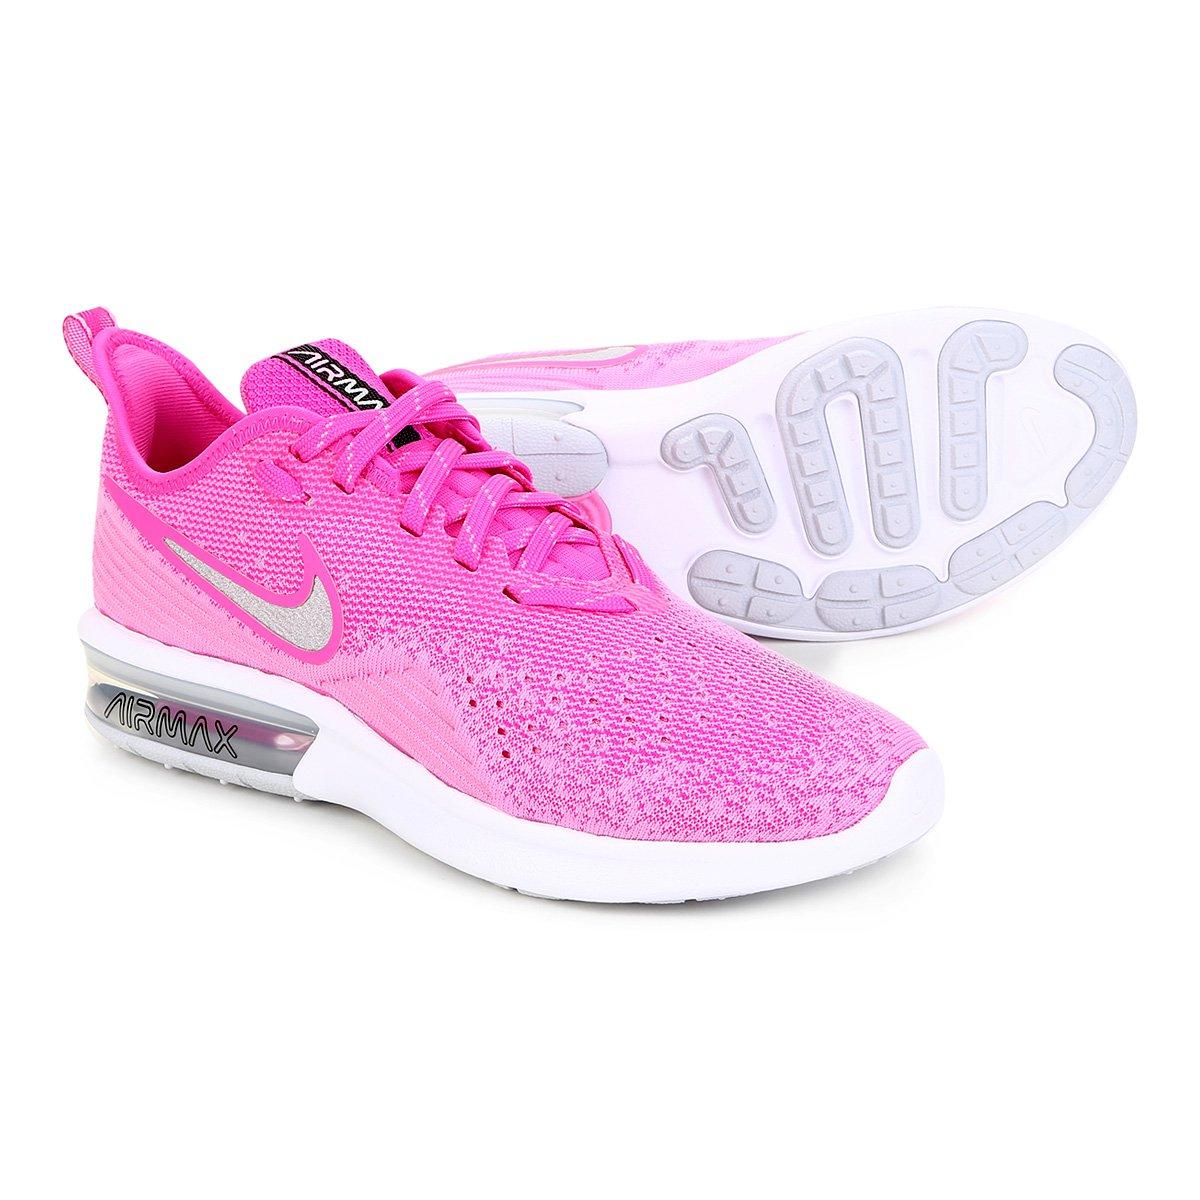 Tênis Nike Air Max Sequent 4 Feminino Rosa